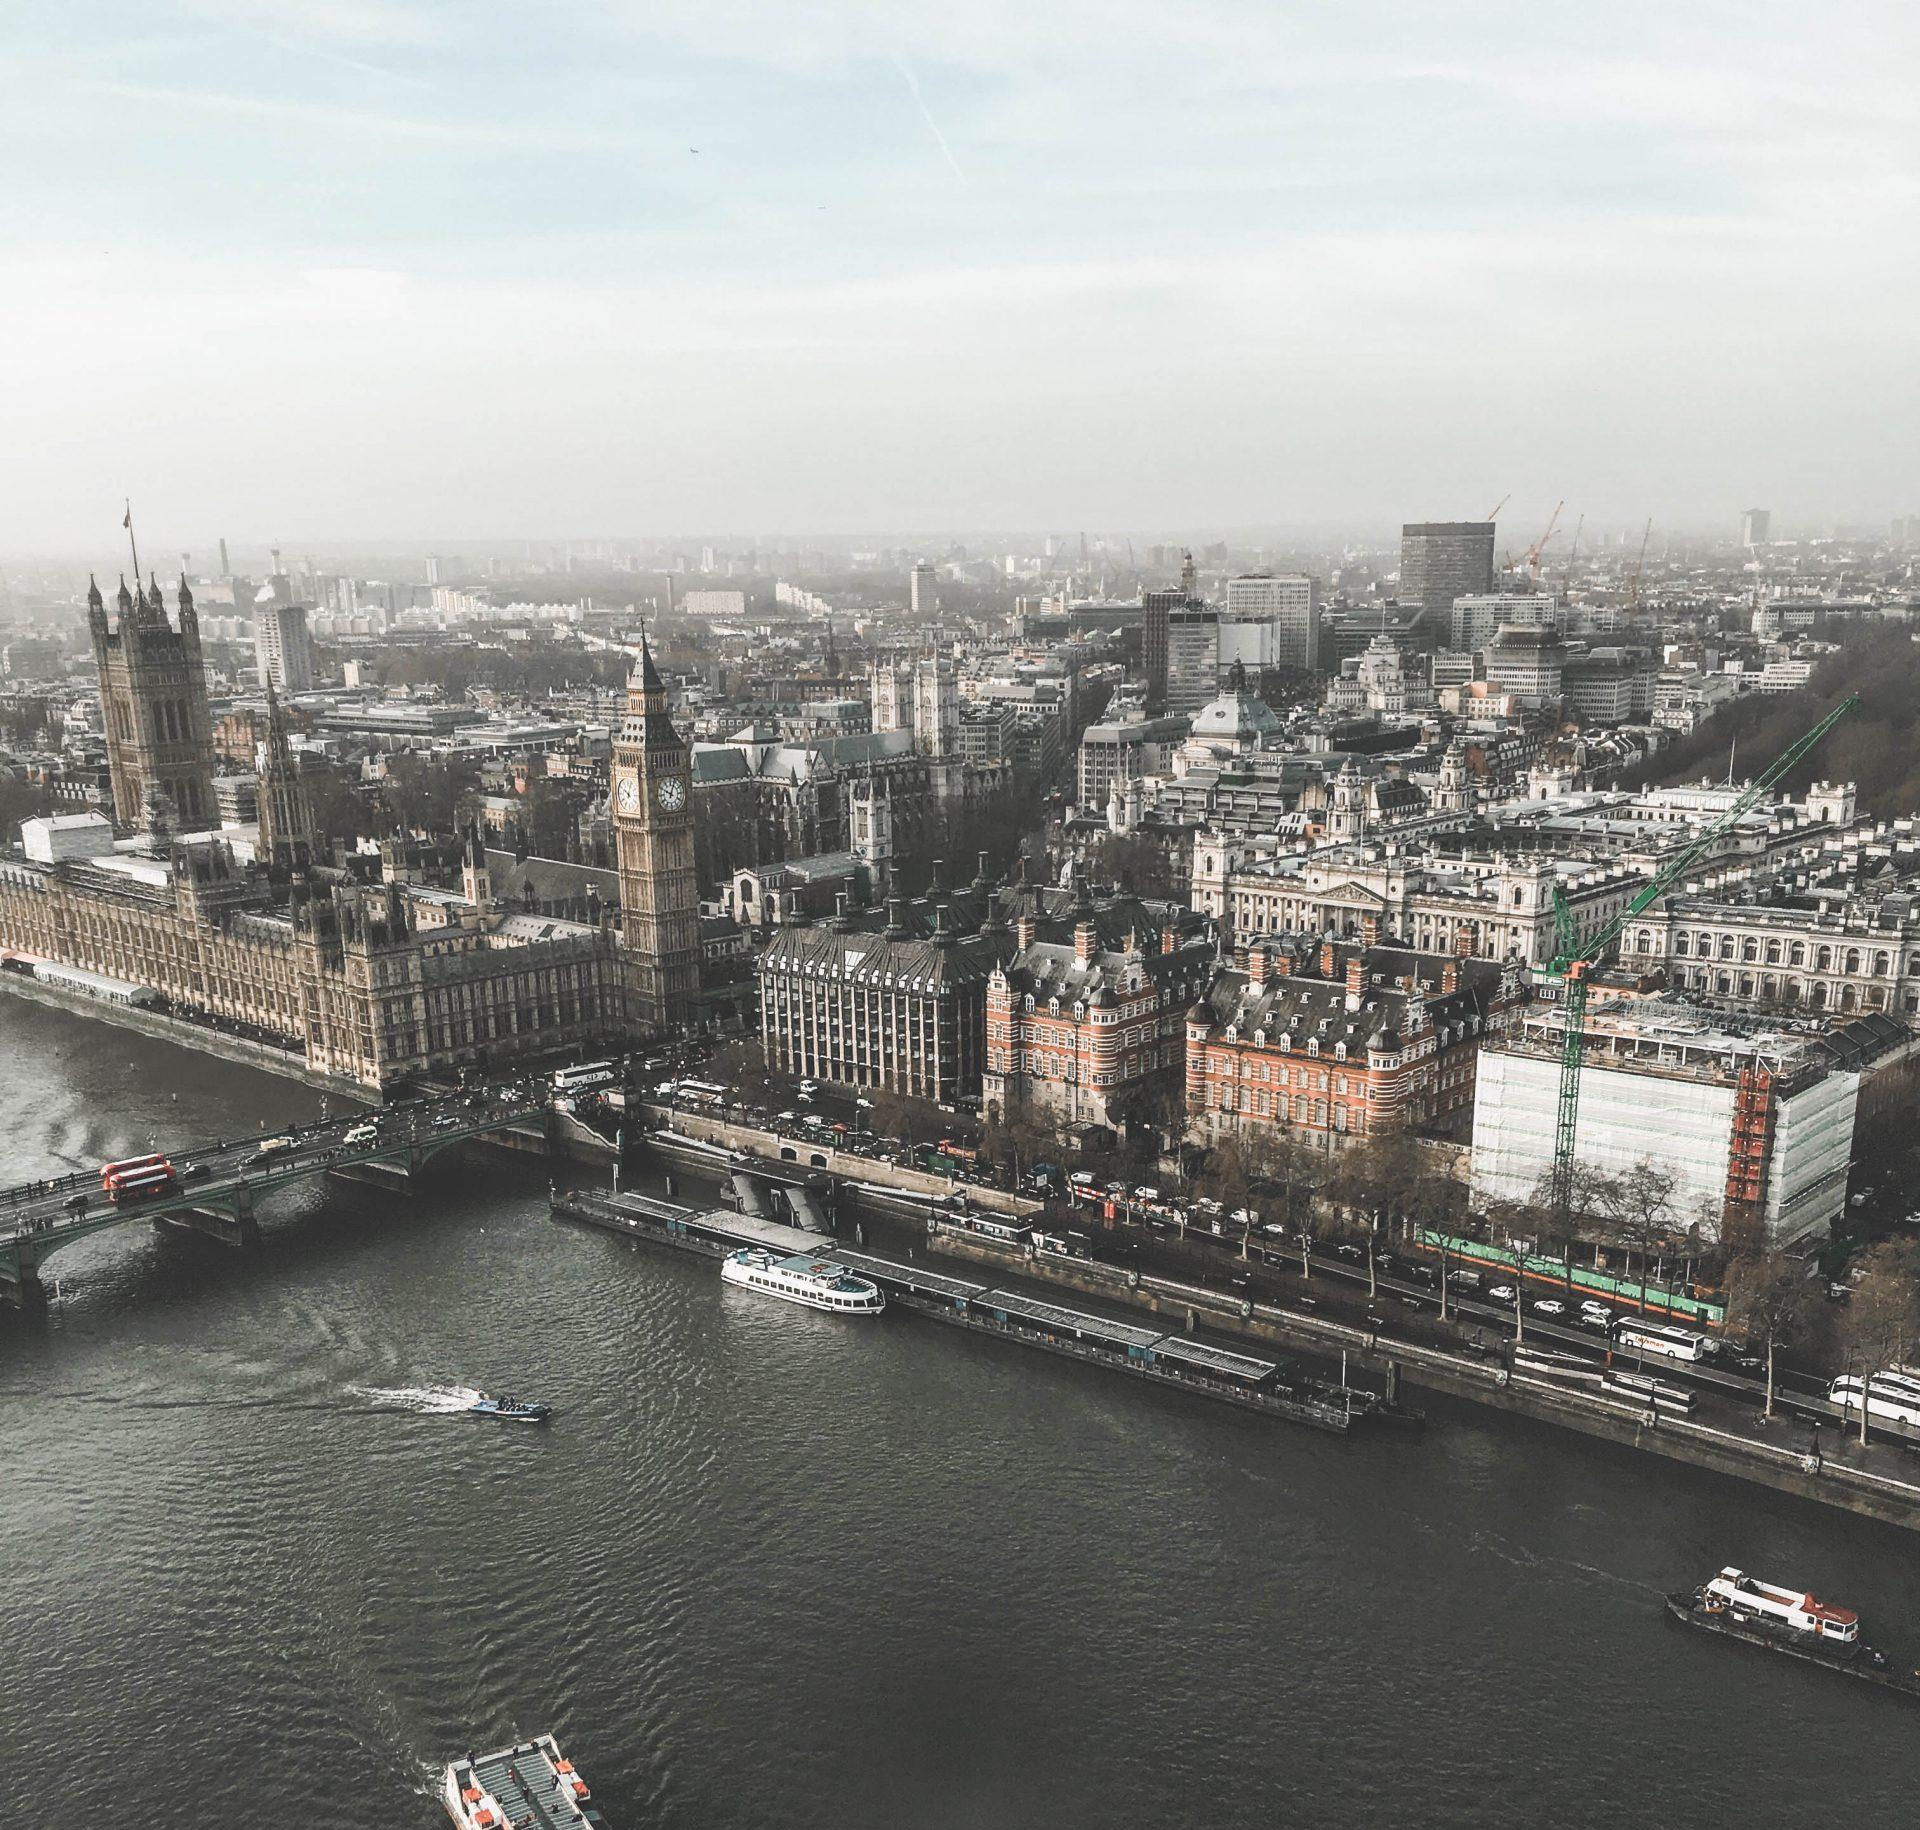 Vue sur Londres depuis London Eye